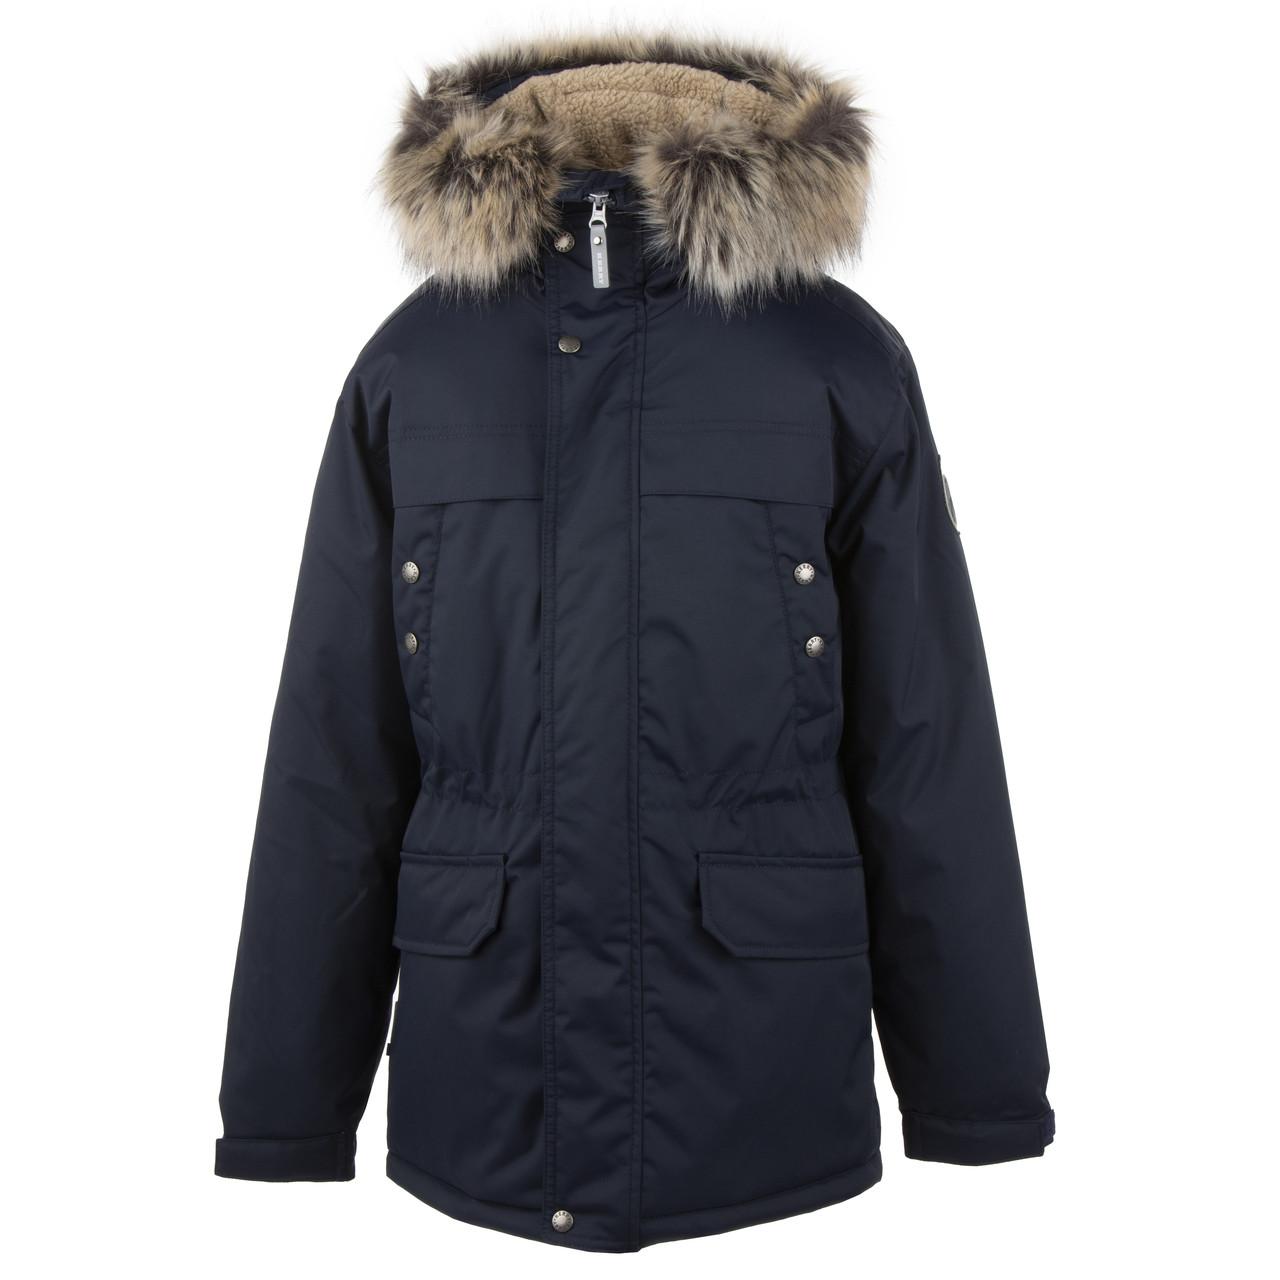 Kуртка-парка для мальчиков Kerry WAFI